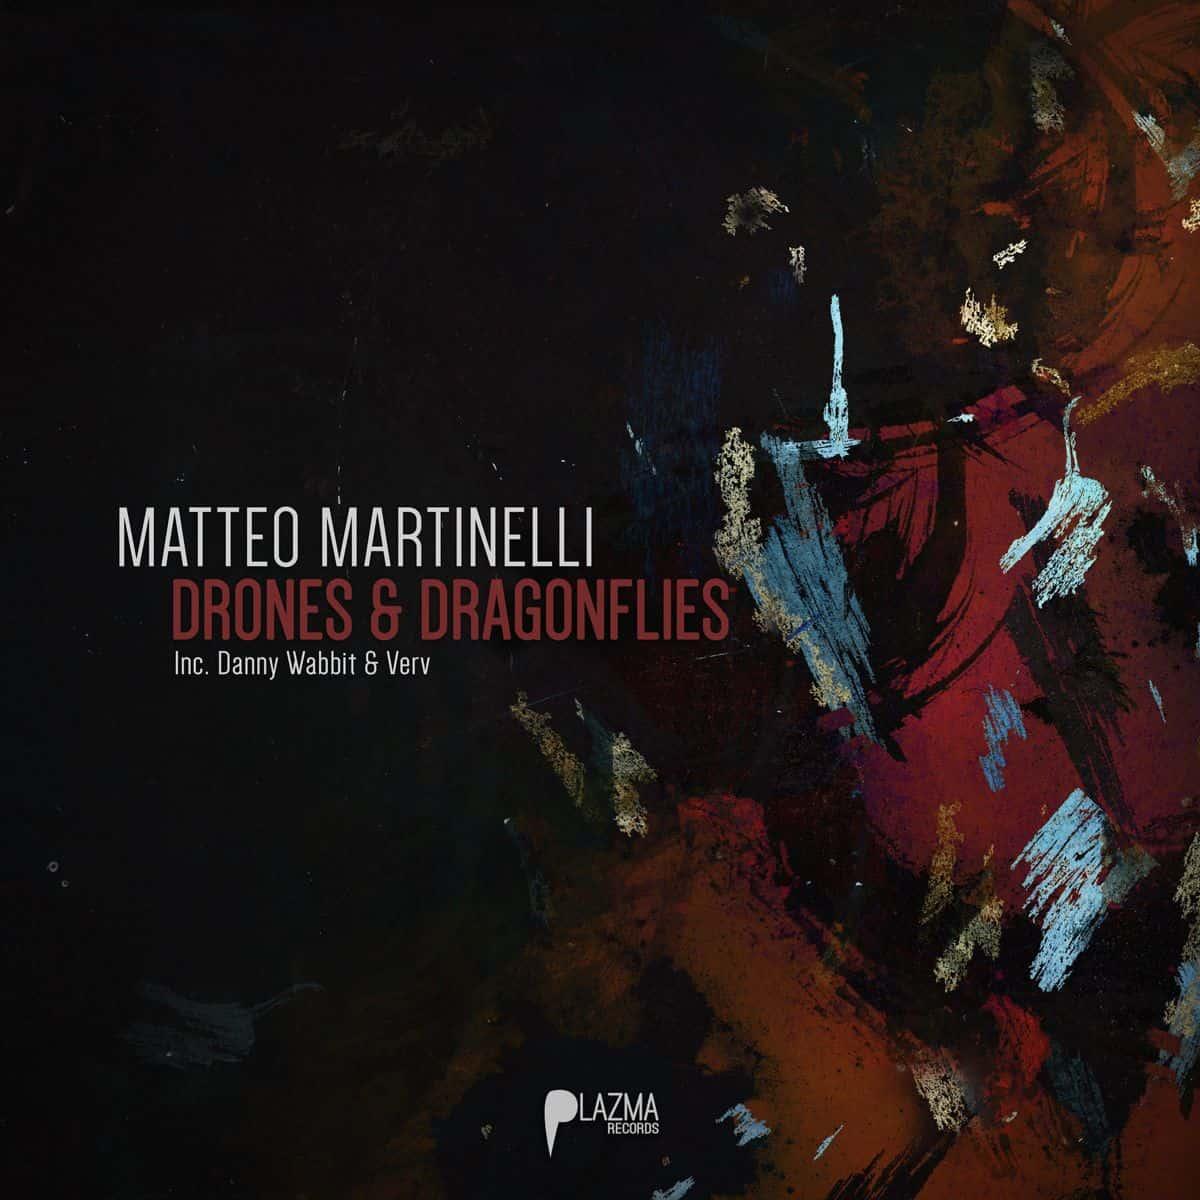 Matteo Martinelli - Drones & Dragonflies EP